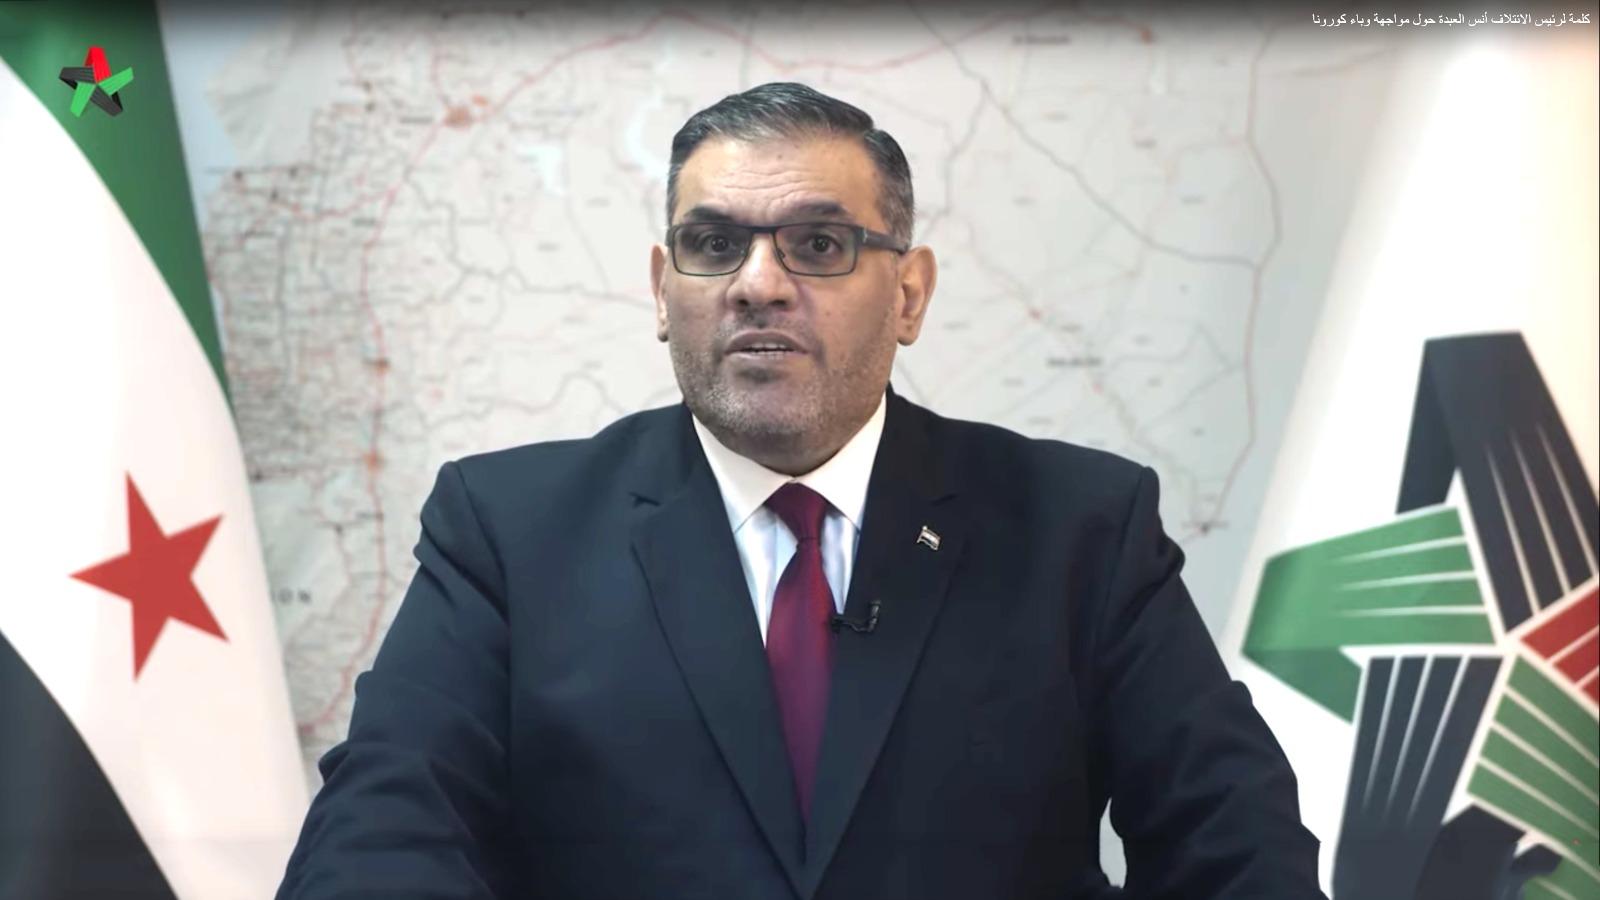 كلمة لرئيس الائتلاف الوطني السوري أنس العبدة حول مواجهة وباء كورونا